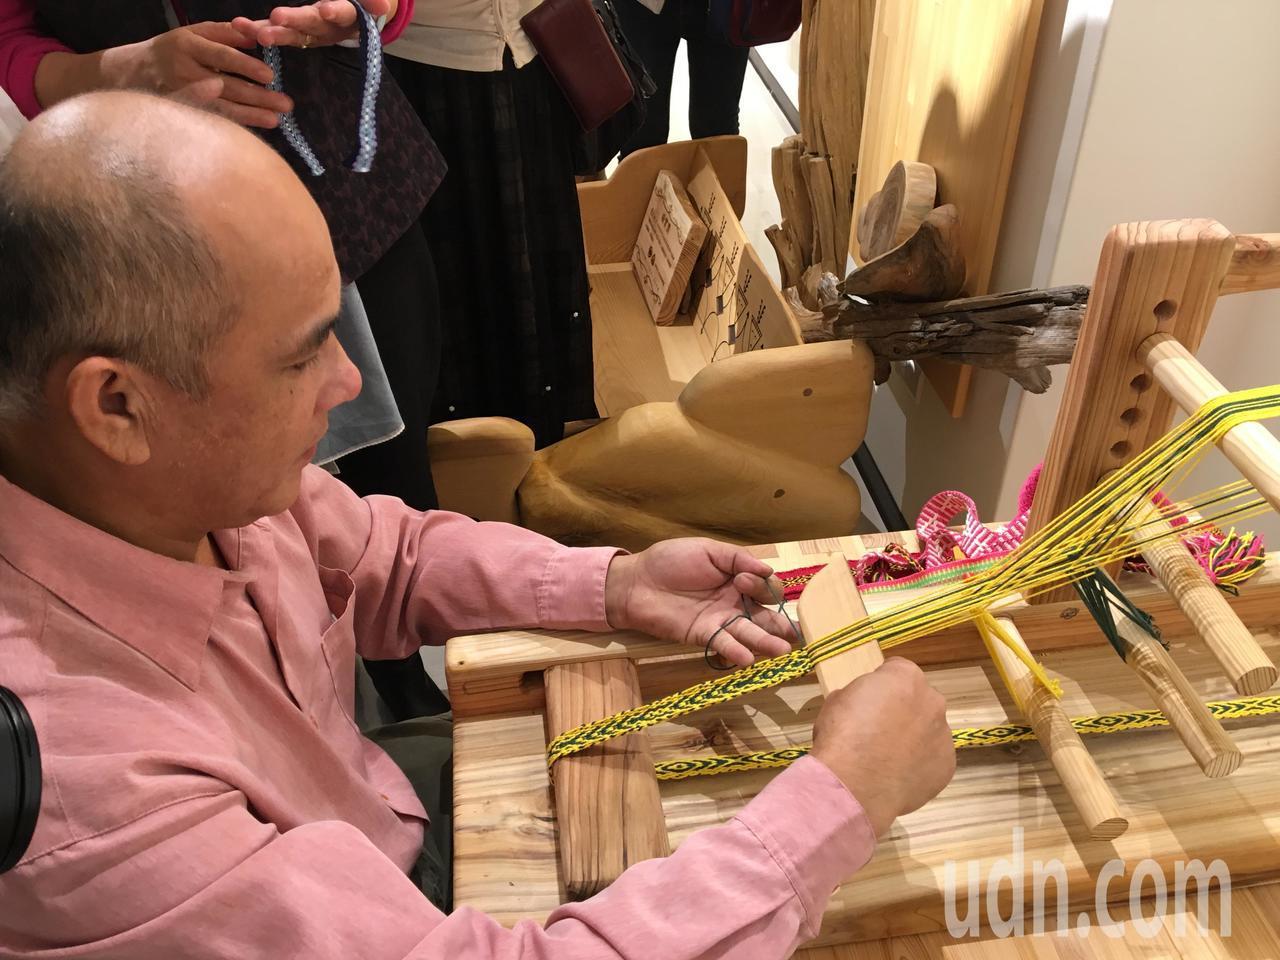 奇美部落的族人鄭志貴利用二葉松殘材重新打造織布機。記者徐庭揚/攝影